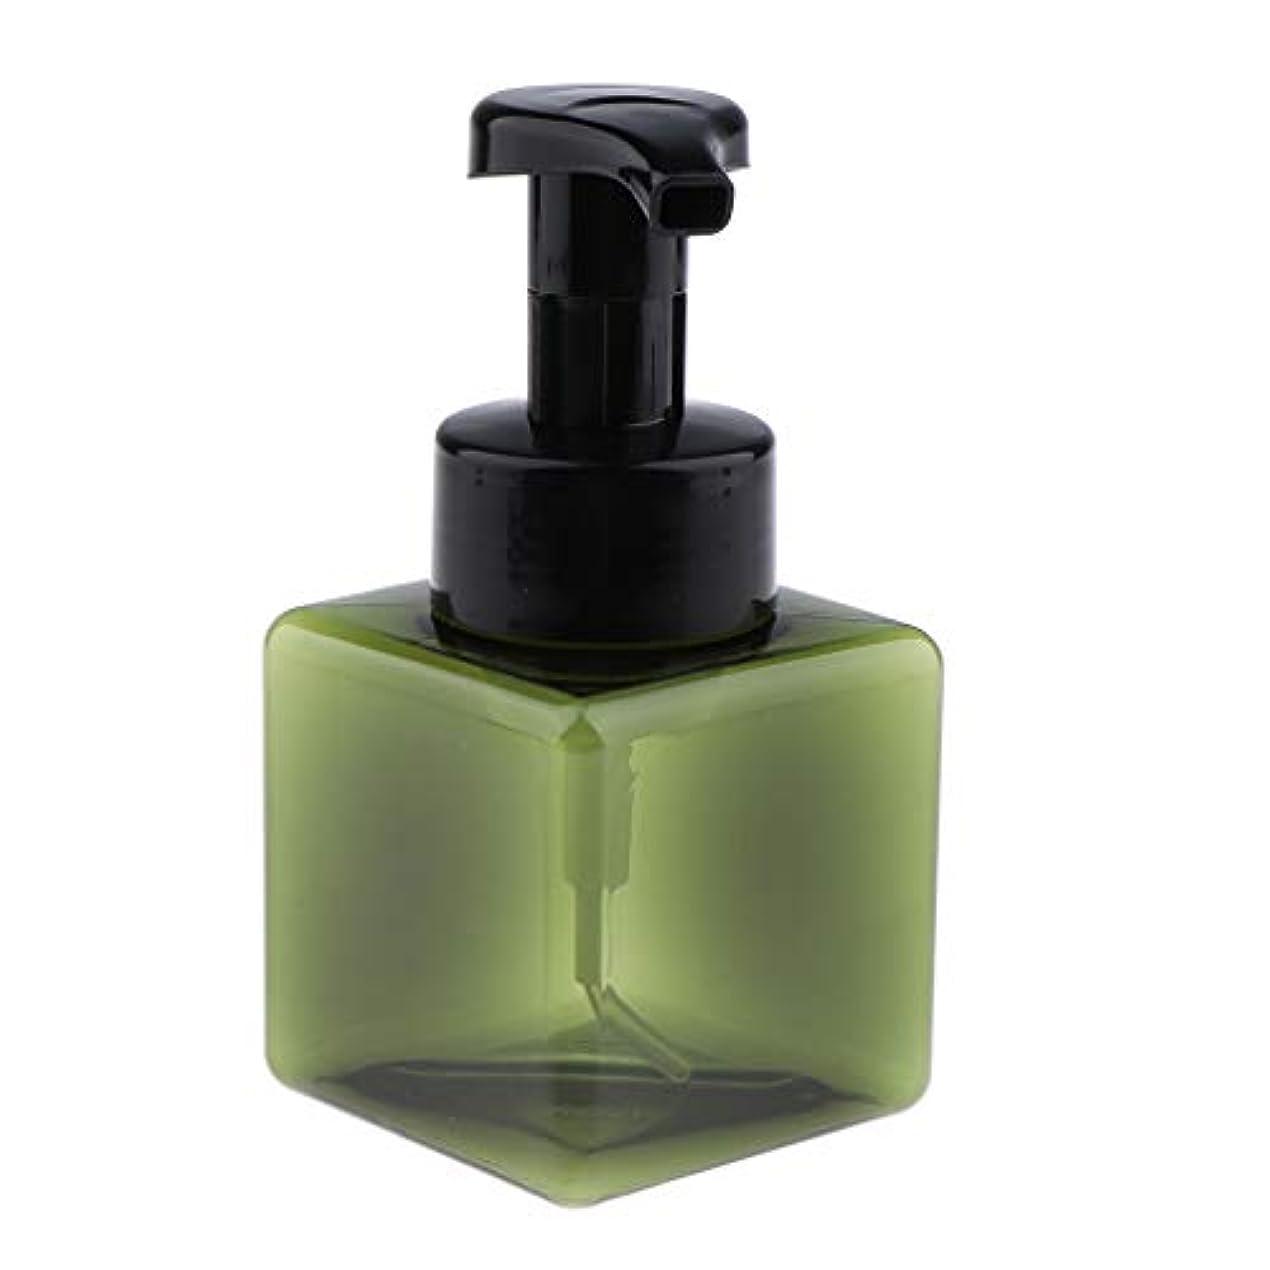 レベル敬な一流浴室の台所ホテル用 詰め替え式 泡立つ石鹸ディスペンサーポンプびん 正方形 250ml - 濃い緑色